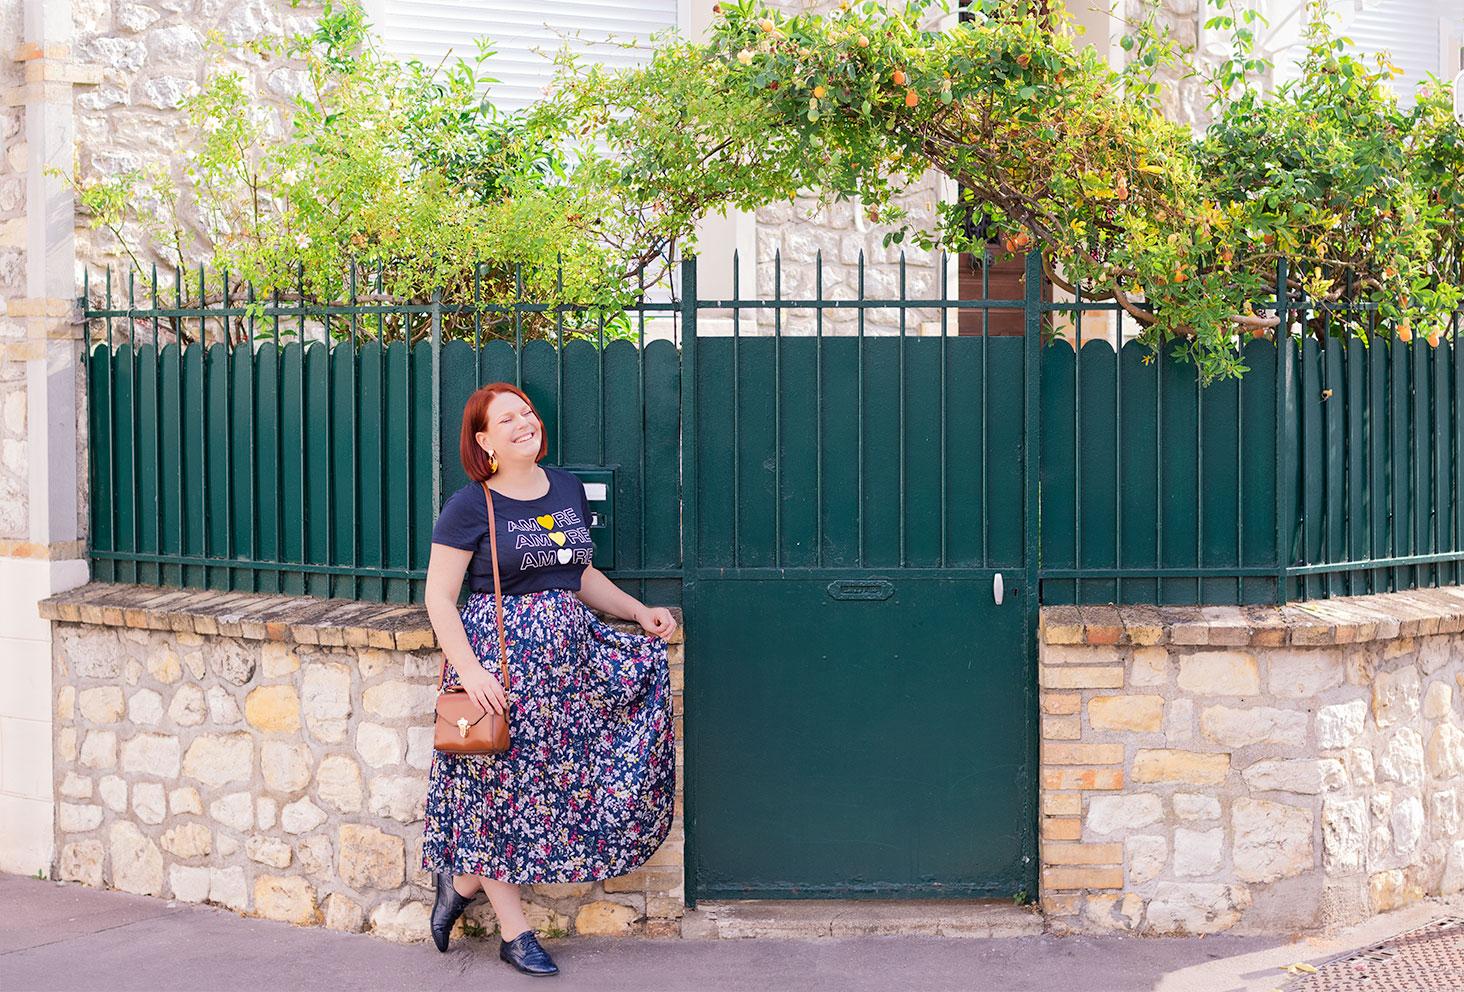 Dans le coin d'une rue devant un joli portail vert et fleuri, en longue jupe fleurie bleue, avec le sourire accoudée le long d'un mur de pierres